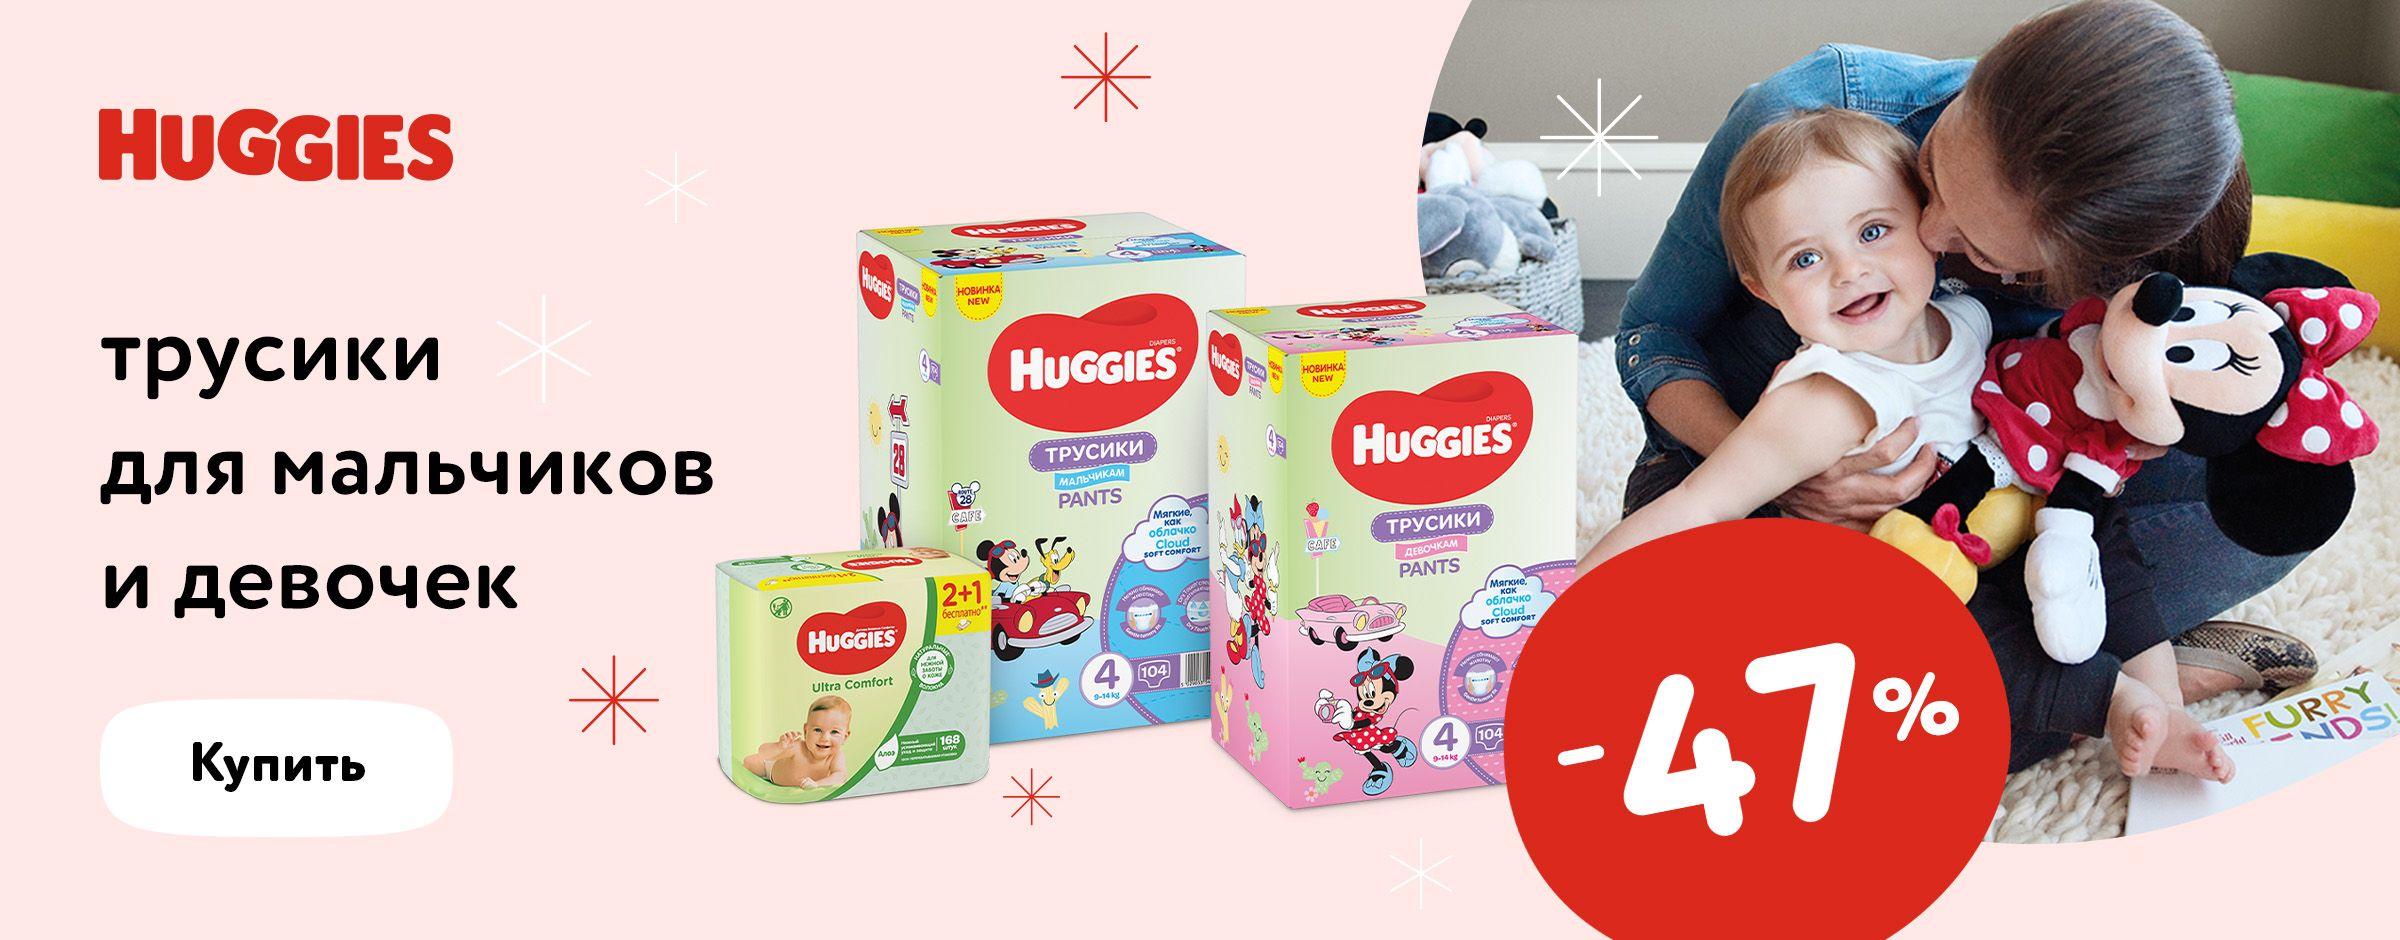 Акция на трусики Huggies для мальчиков и девочек статика